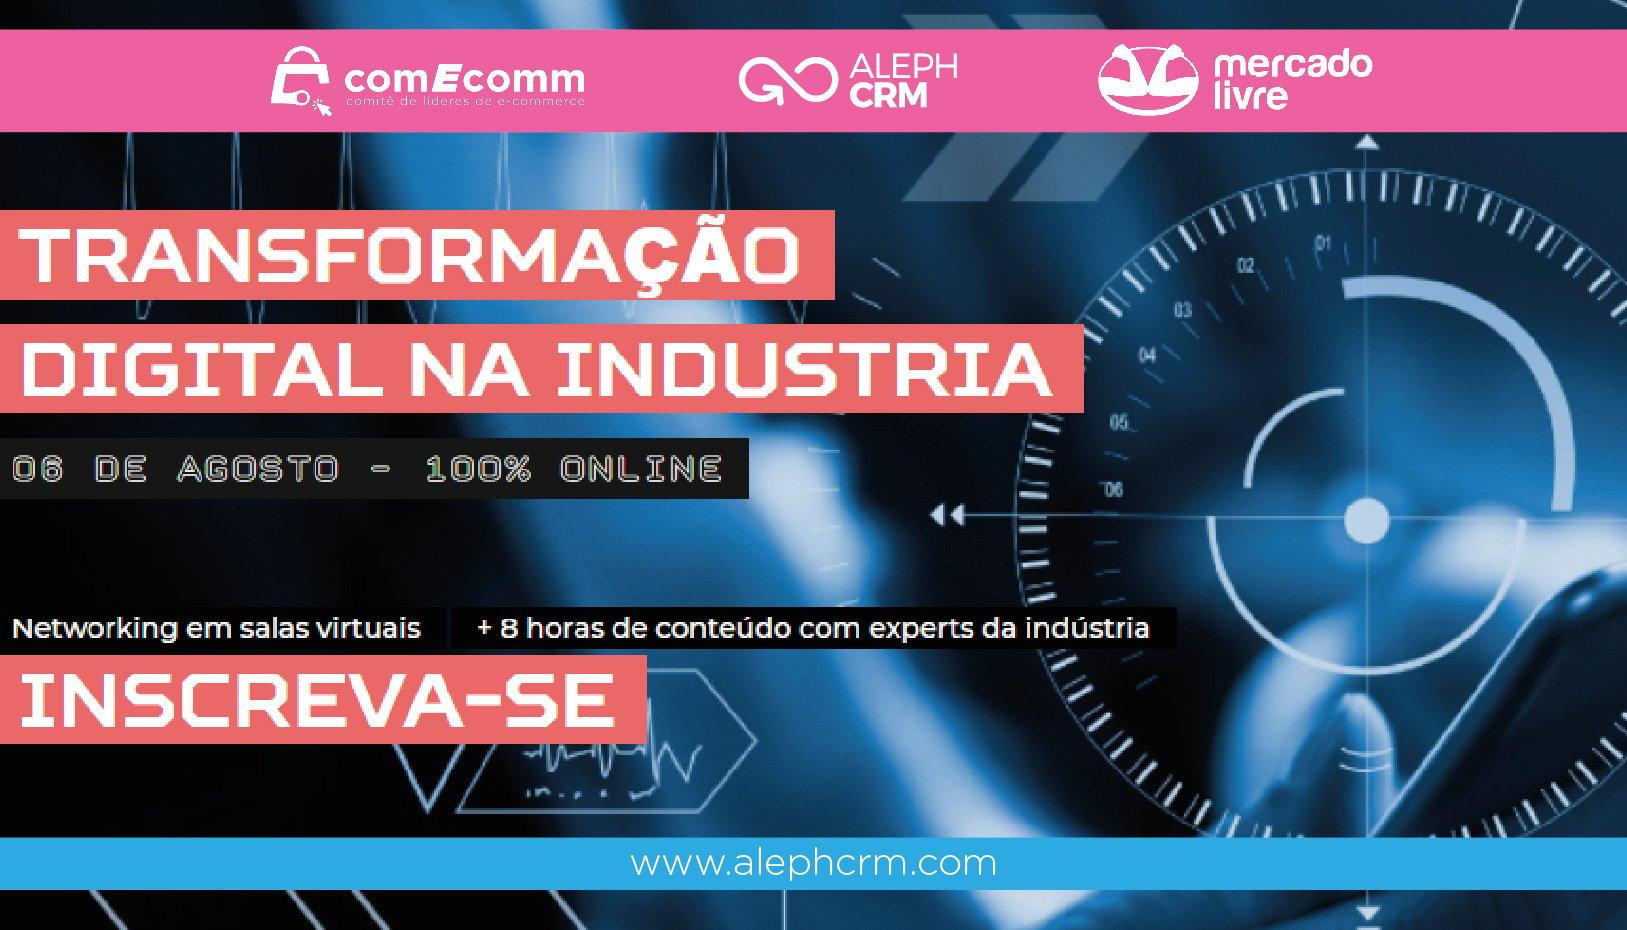 """AlephCRM será parte do evento """"Transformação digital da indústria"""" organizado pelo Comitê de Líderes de e-commerce."""